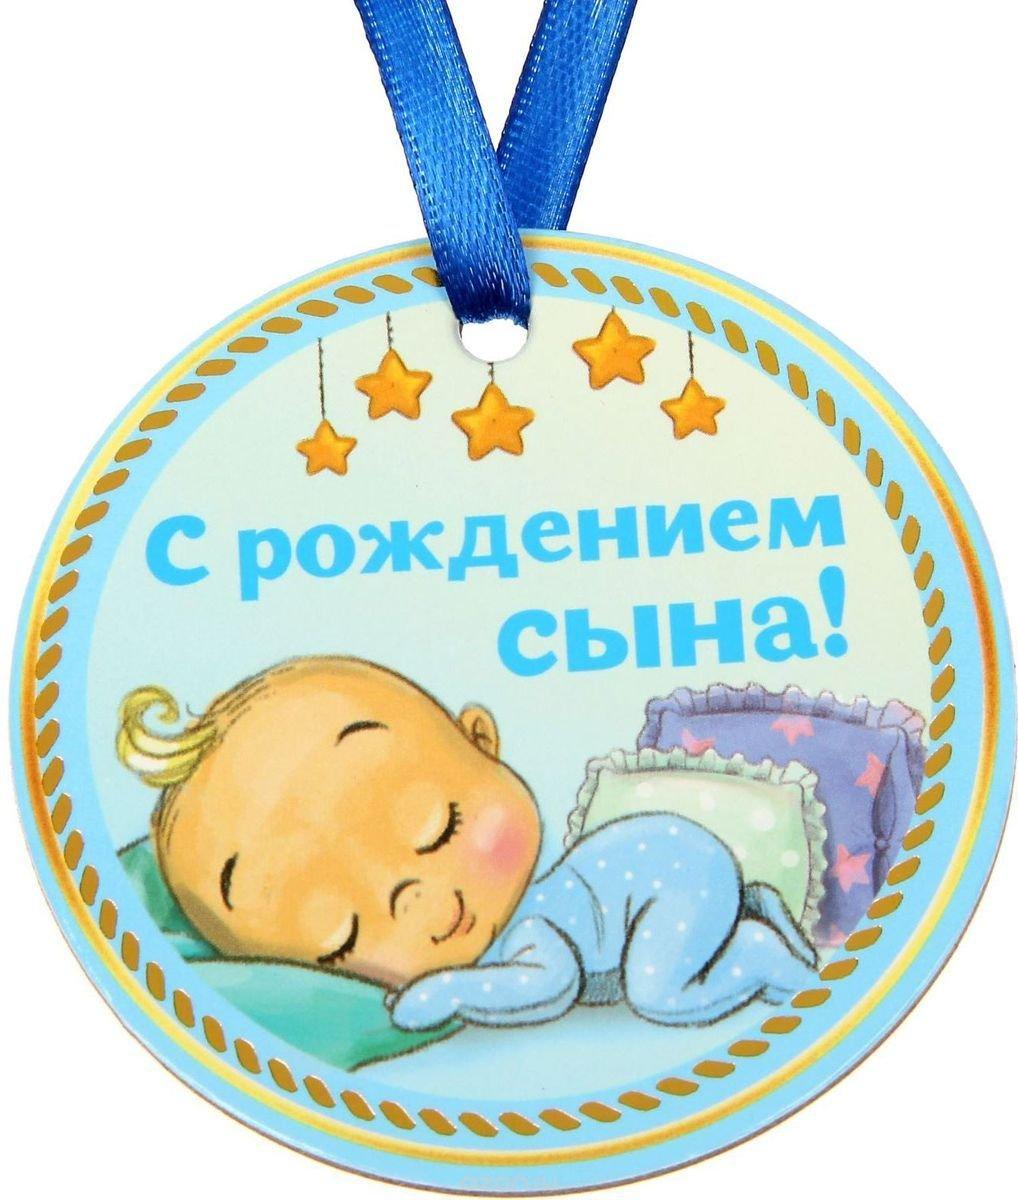 Поздравление другу с рождением сына открытка